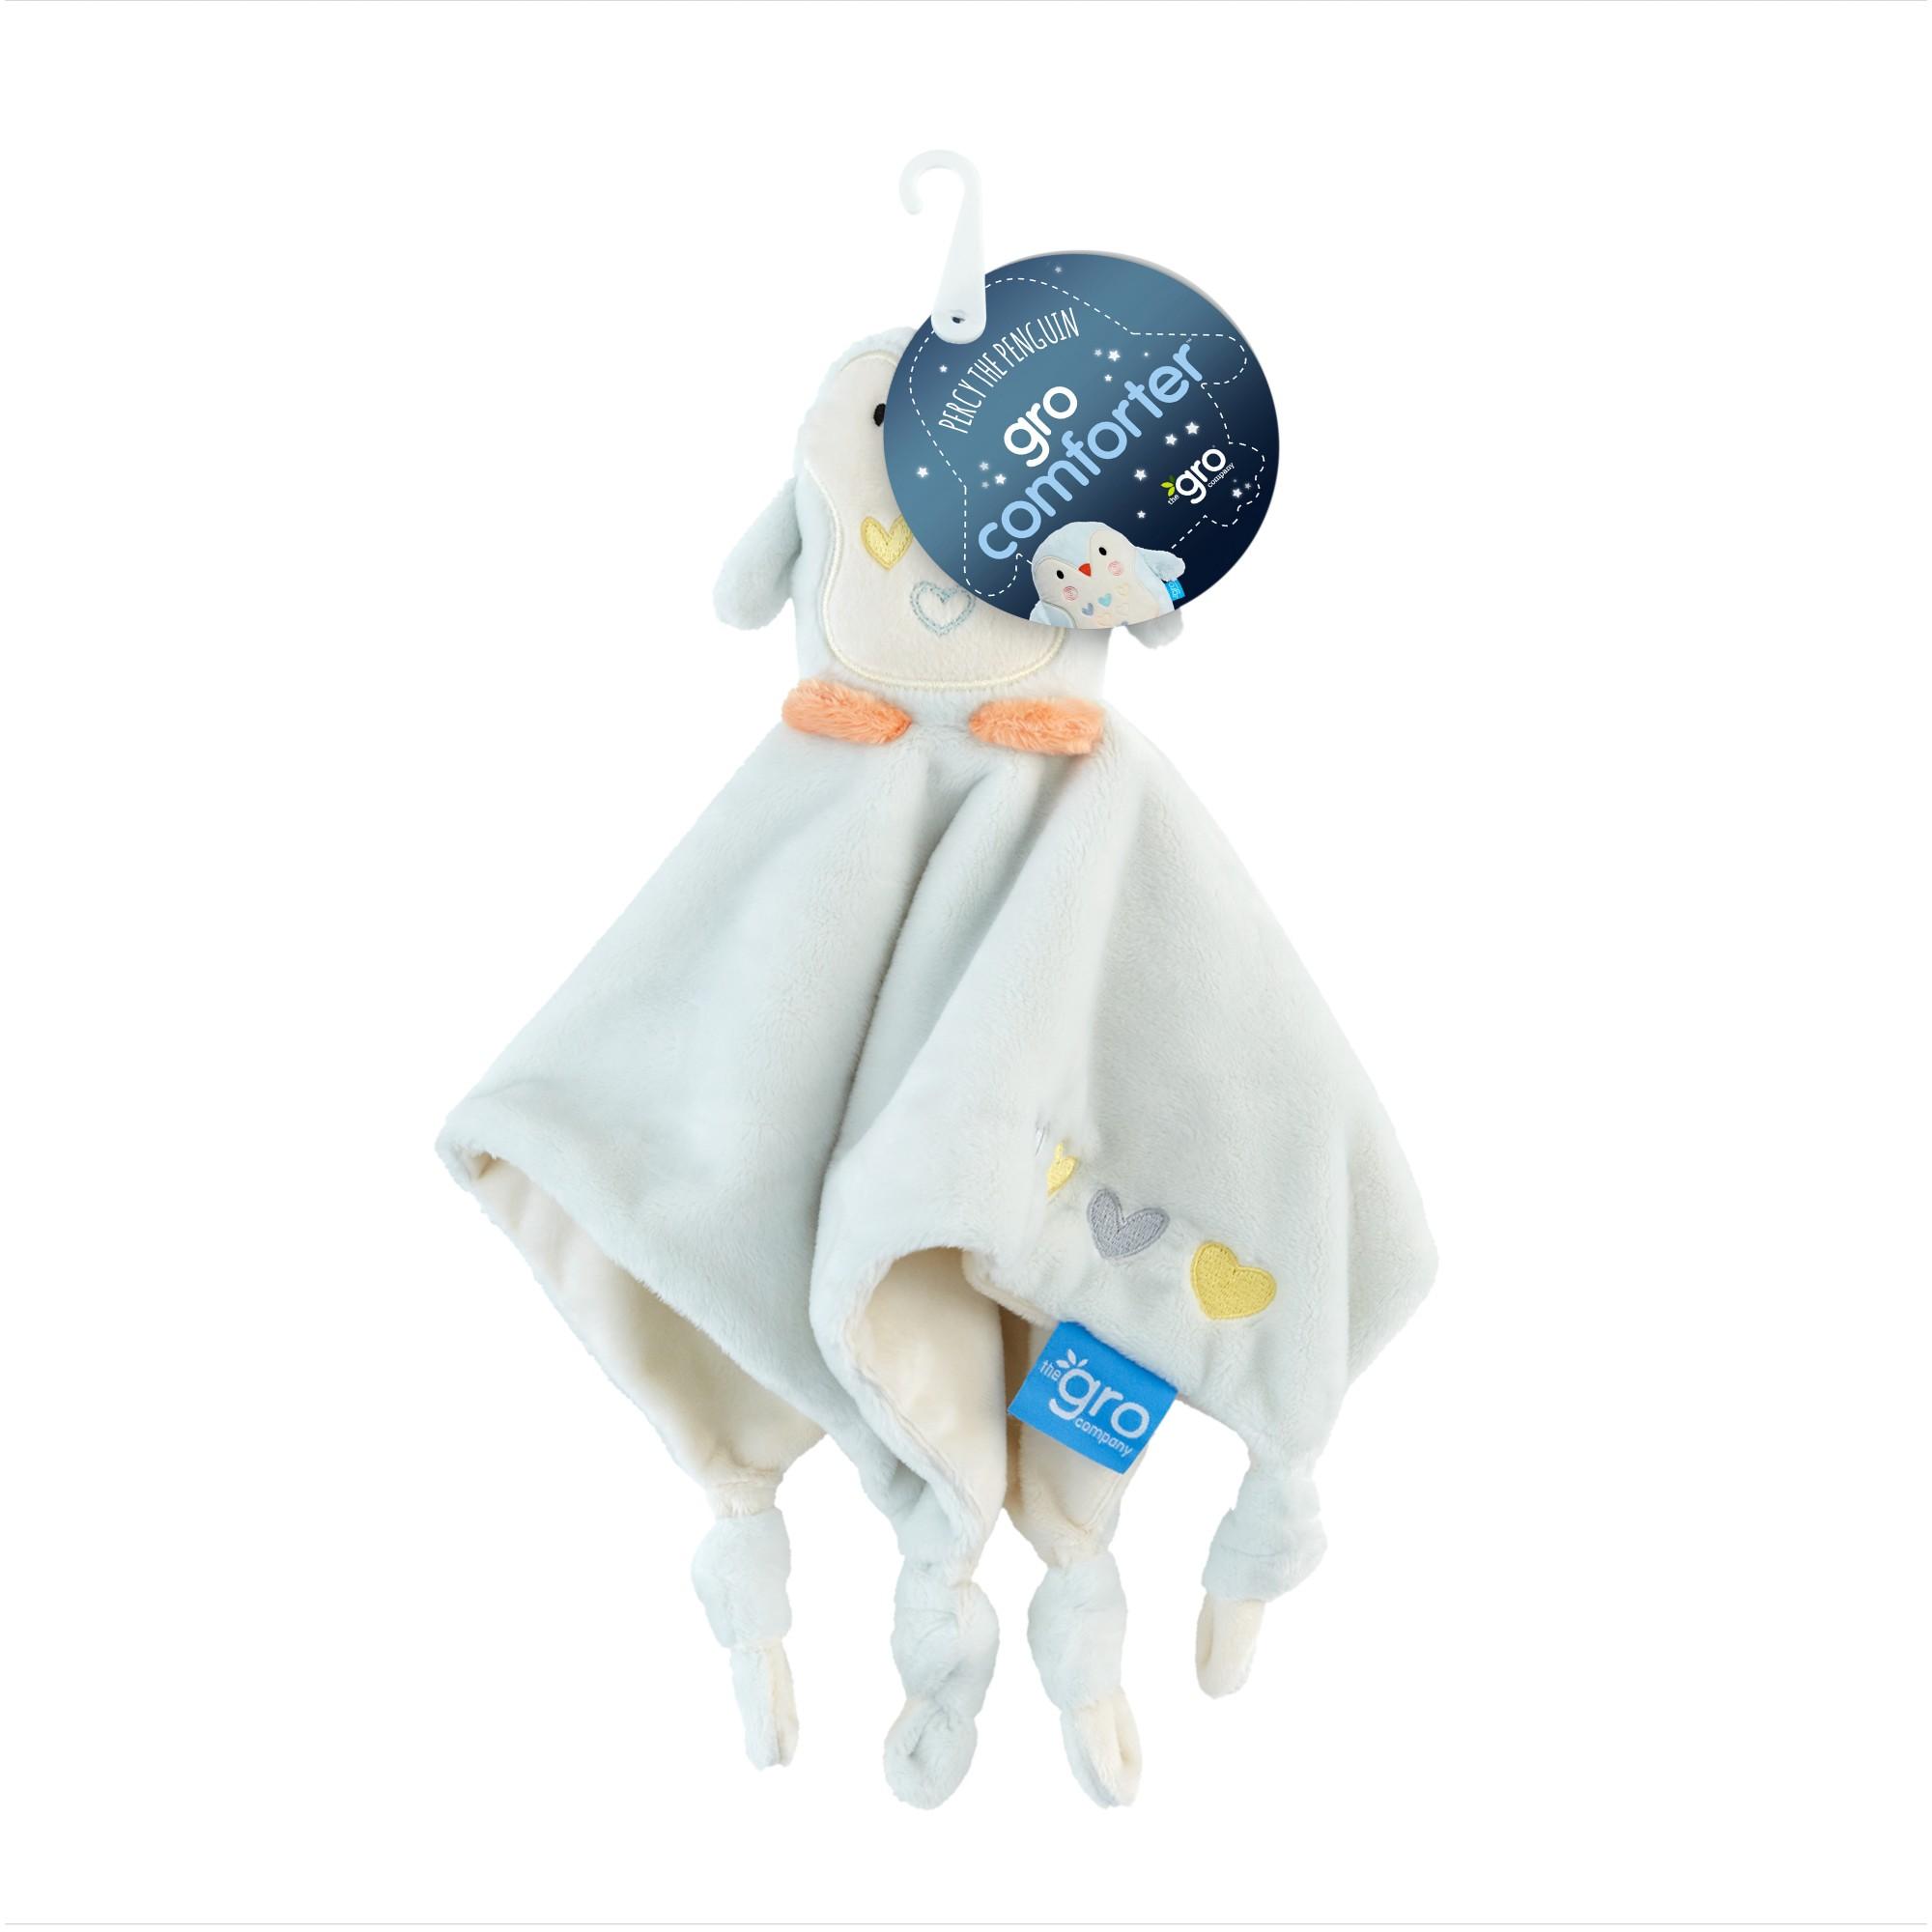 Jucarie pentru confort, Pinguinul Percy, 0 luni+, Gro